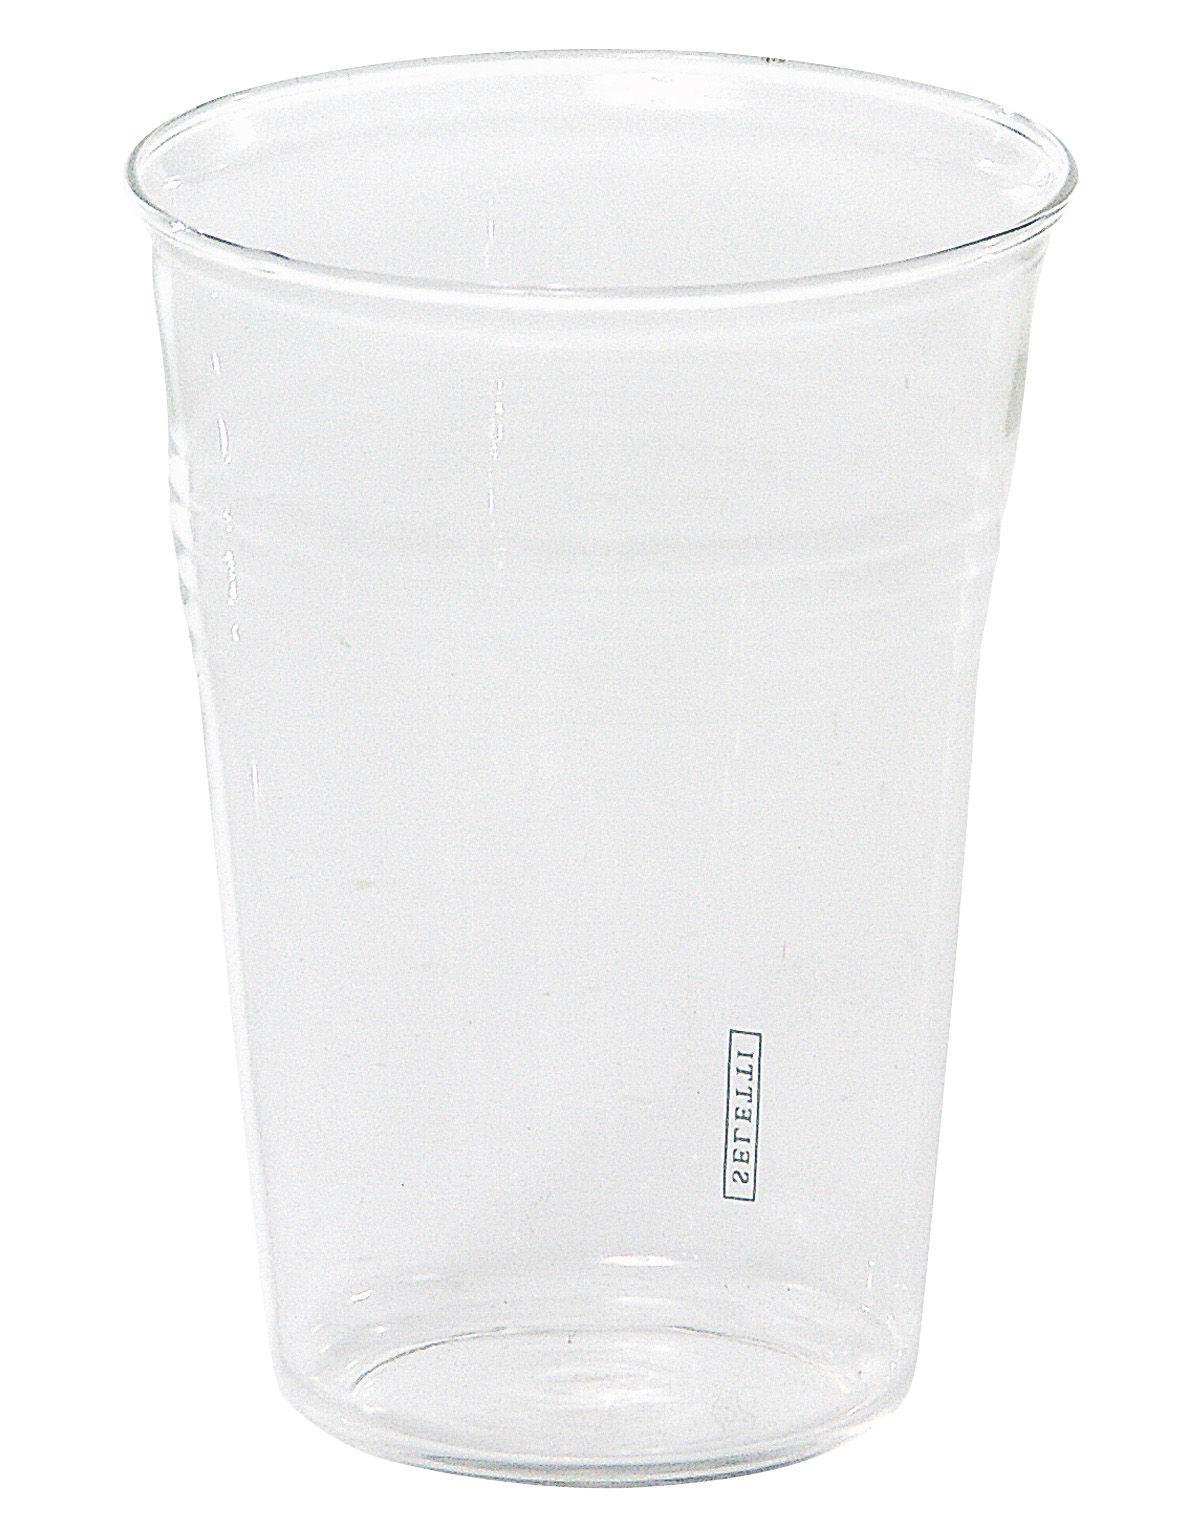 Tavola - Bicchieri  - Bicchiere da acqua Estetico quotidiano di Seletti - Trasparente - Bicchiere da acqua - Vetro